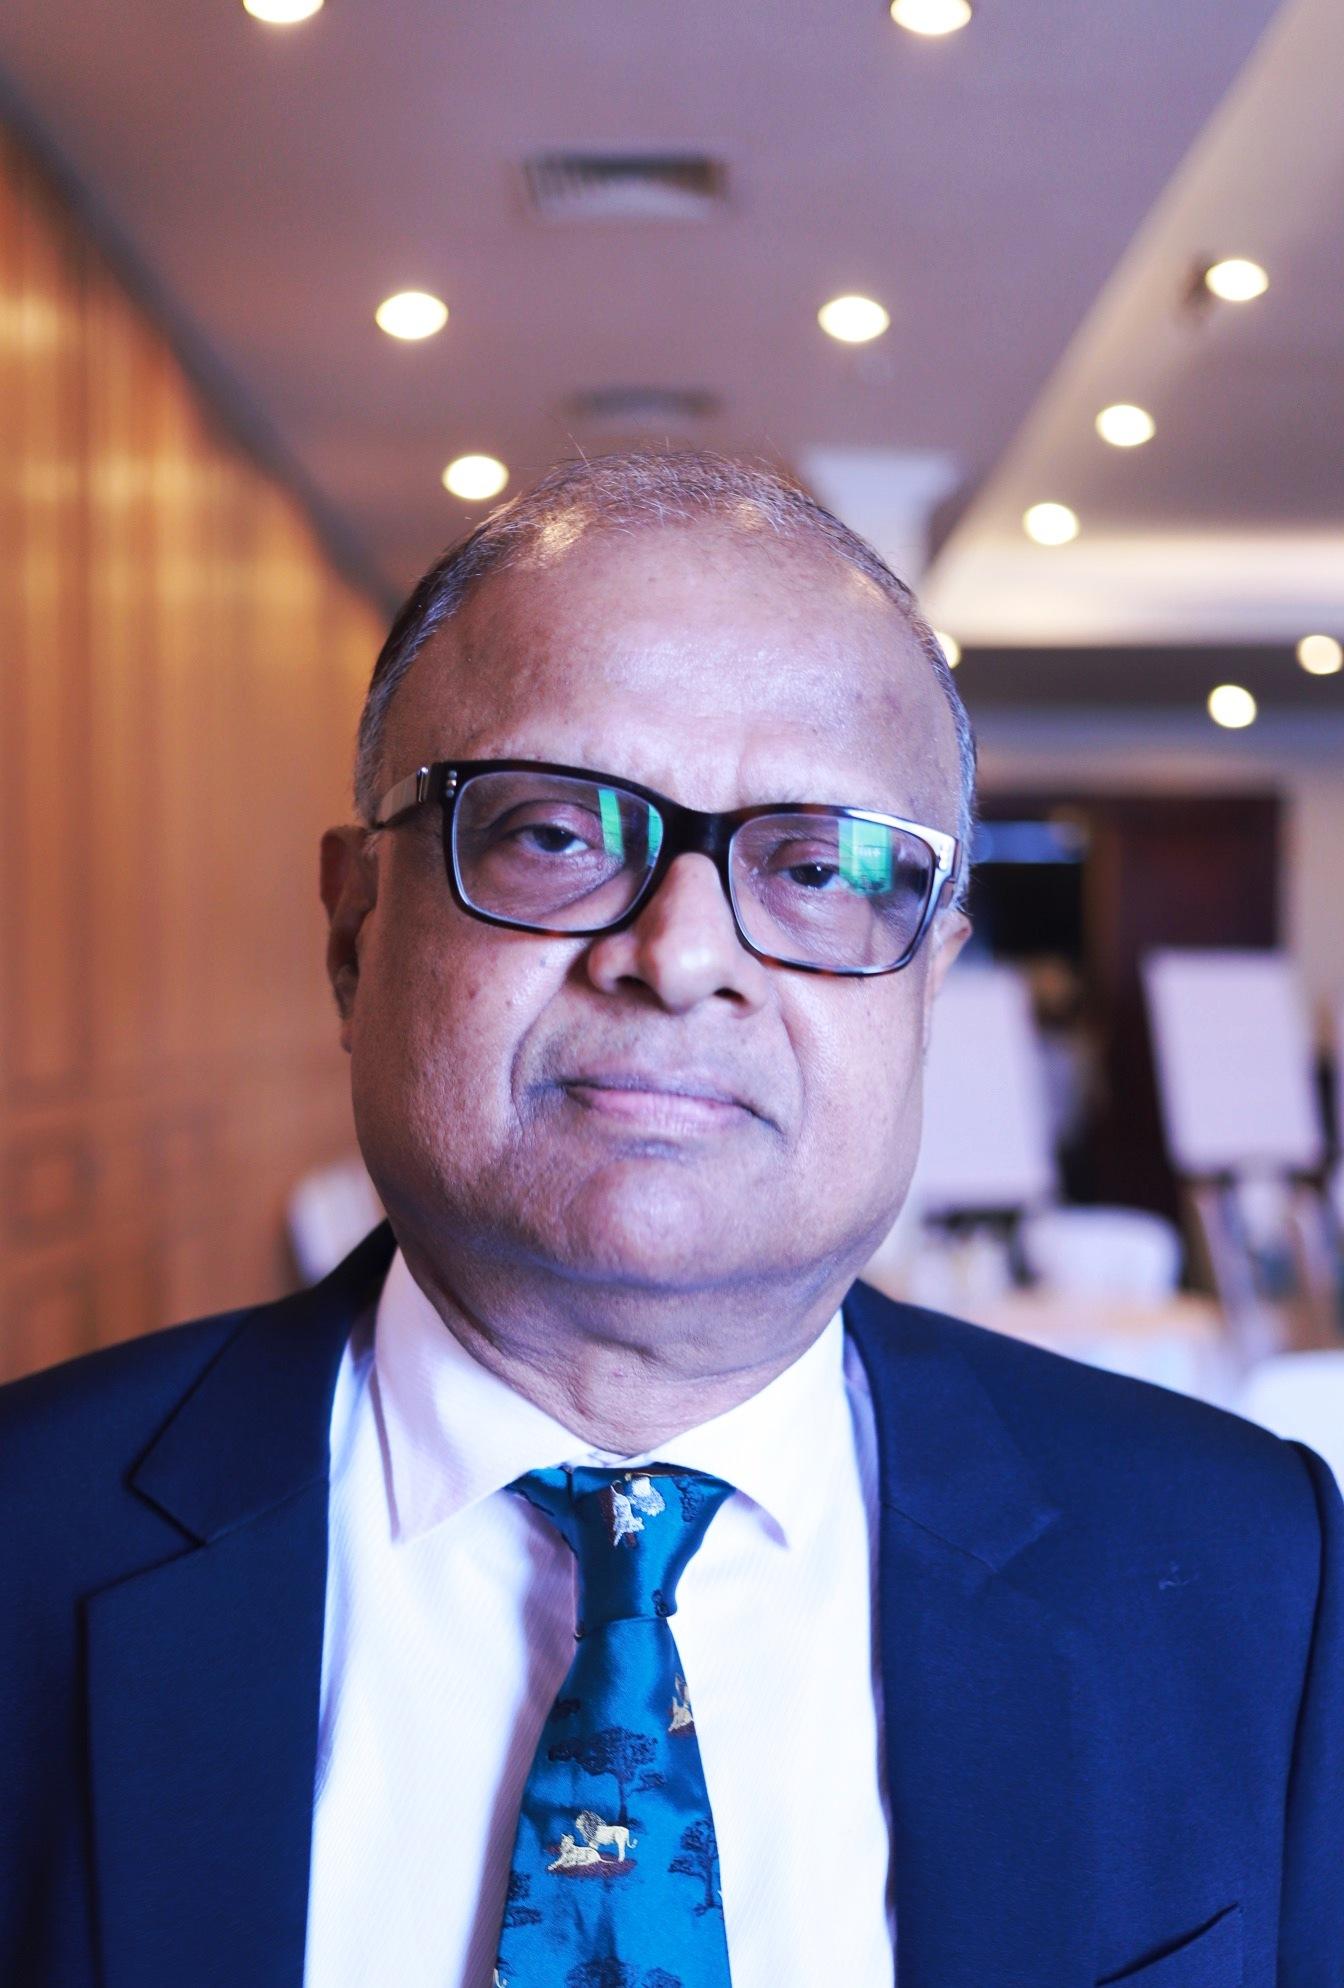 Kamal kar profile photos by amit sengupta_edit